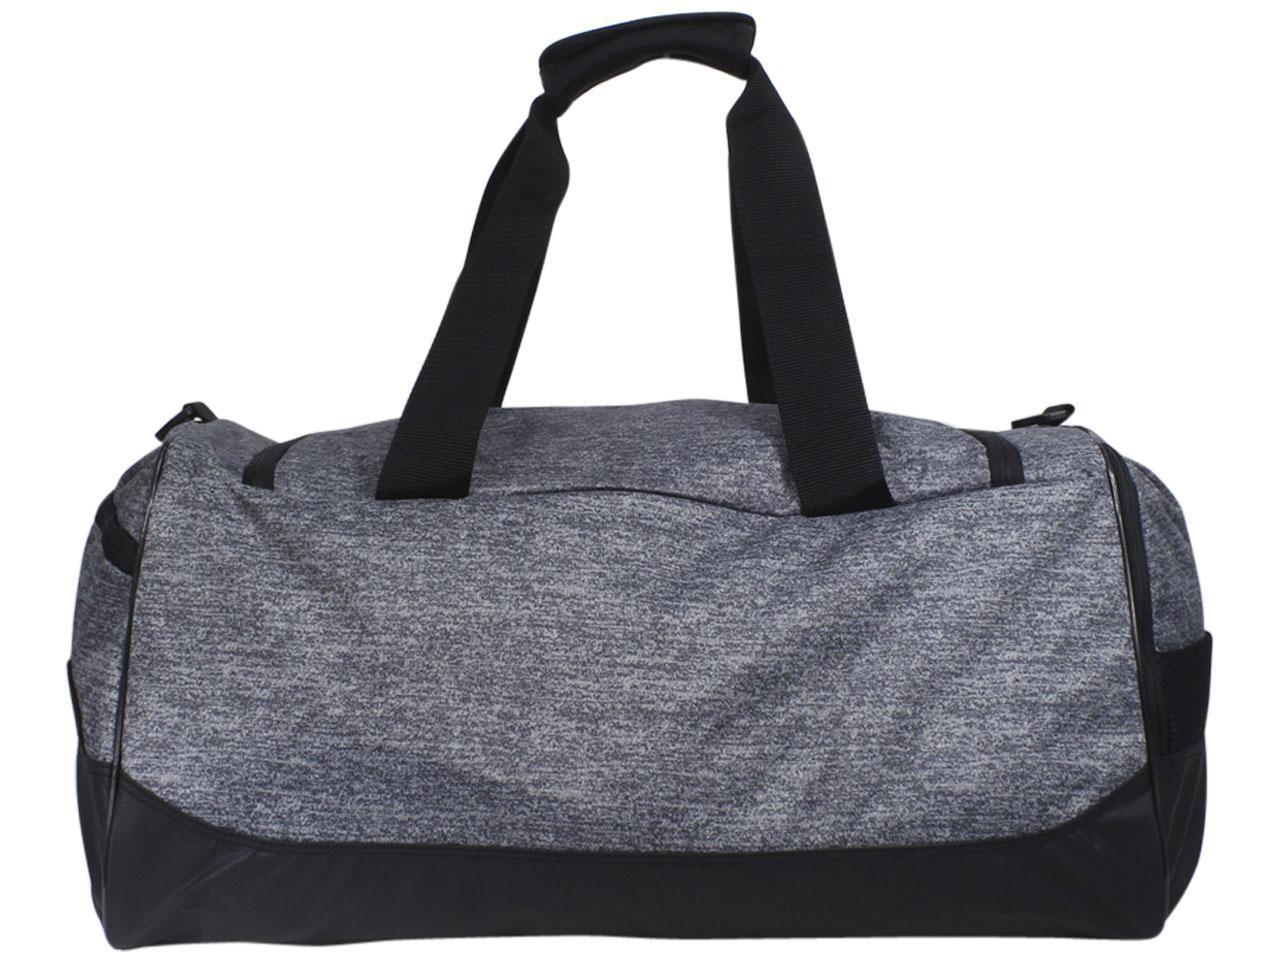 Adidas Team Issue Duffel Bag  a77e100e53ddf